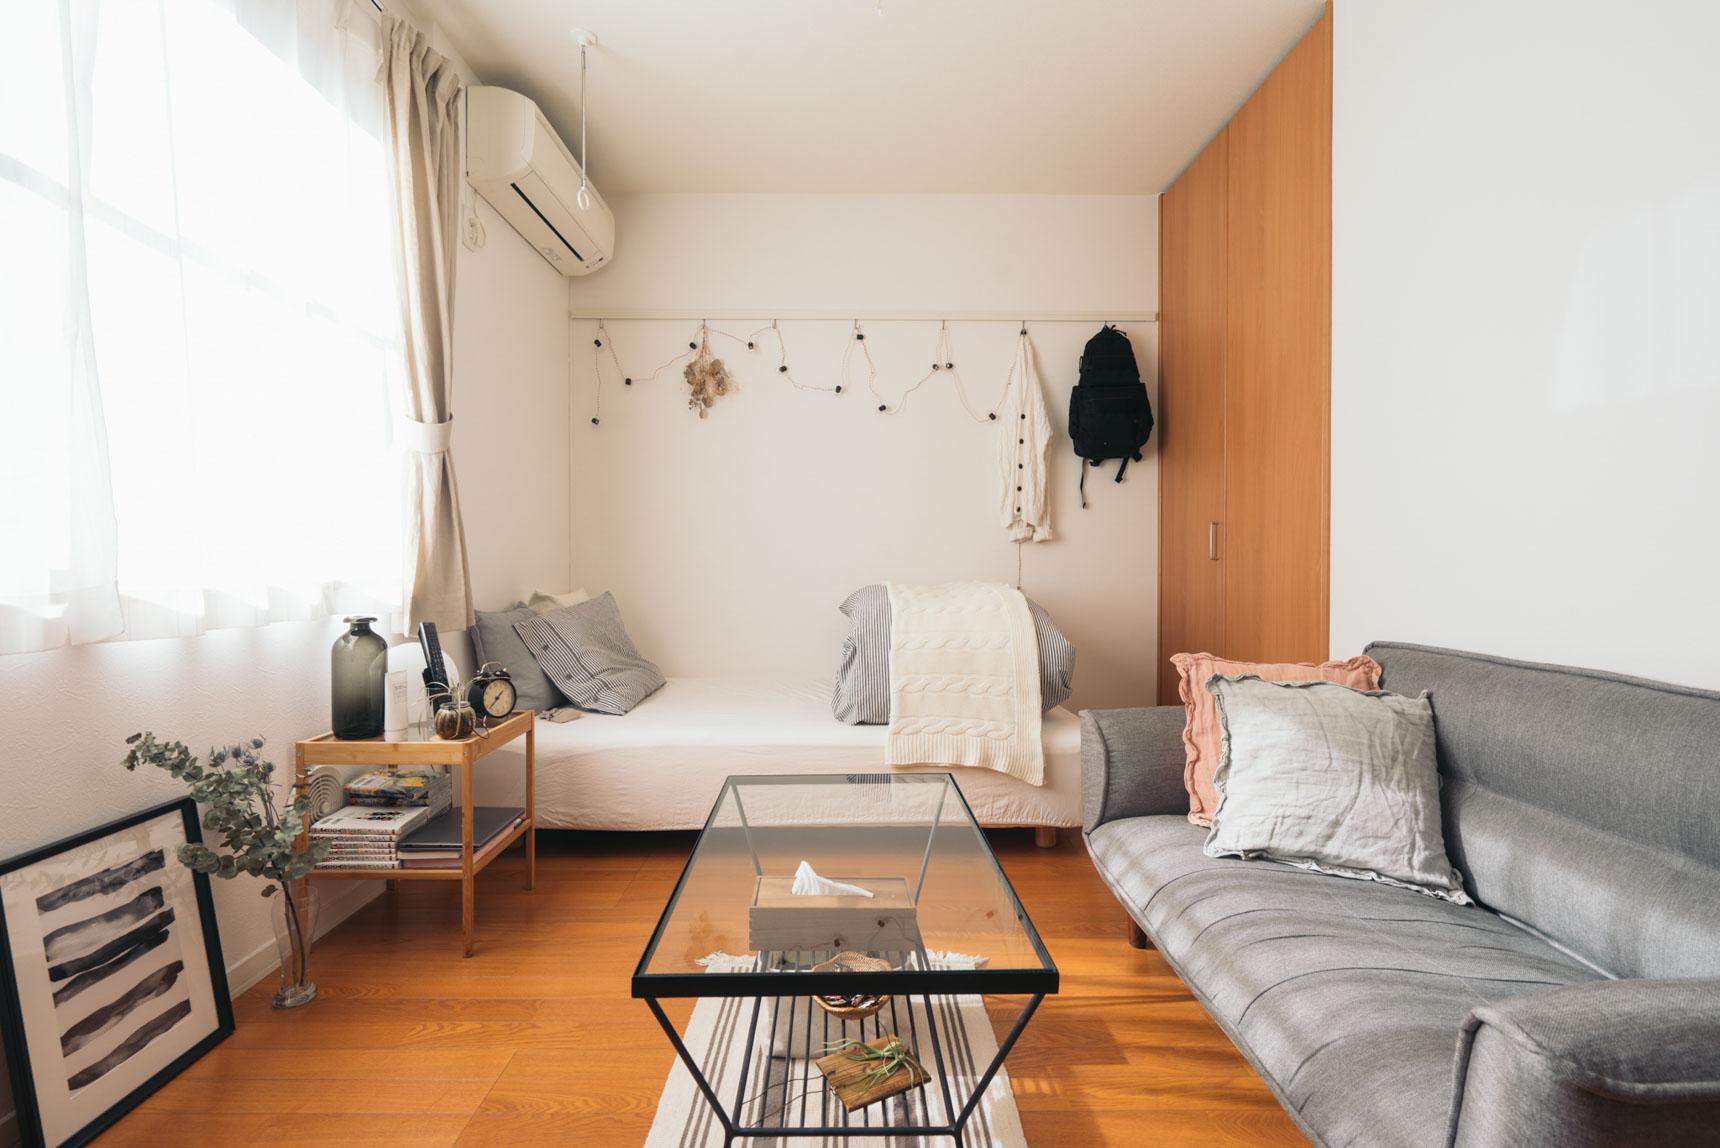 naa9290さんが暮らすのは、22平米の1Kマンション。料理をしても匂いが充満しないように、きっちりキッチンと分かれた部屋を探していたとのことで、独立洗面台もある水回りはしっかり別になった間取りです。横長の6.5畳の居室におじゃましてちょっとびっくり。とても広く感じます。